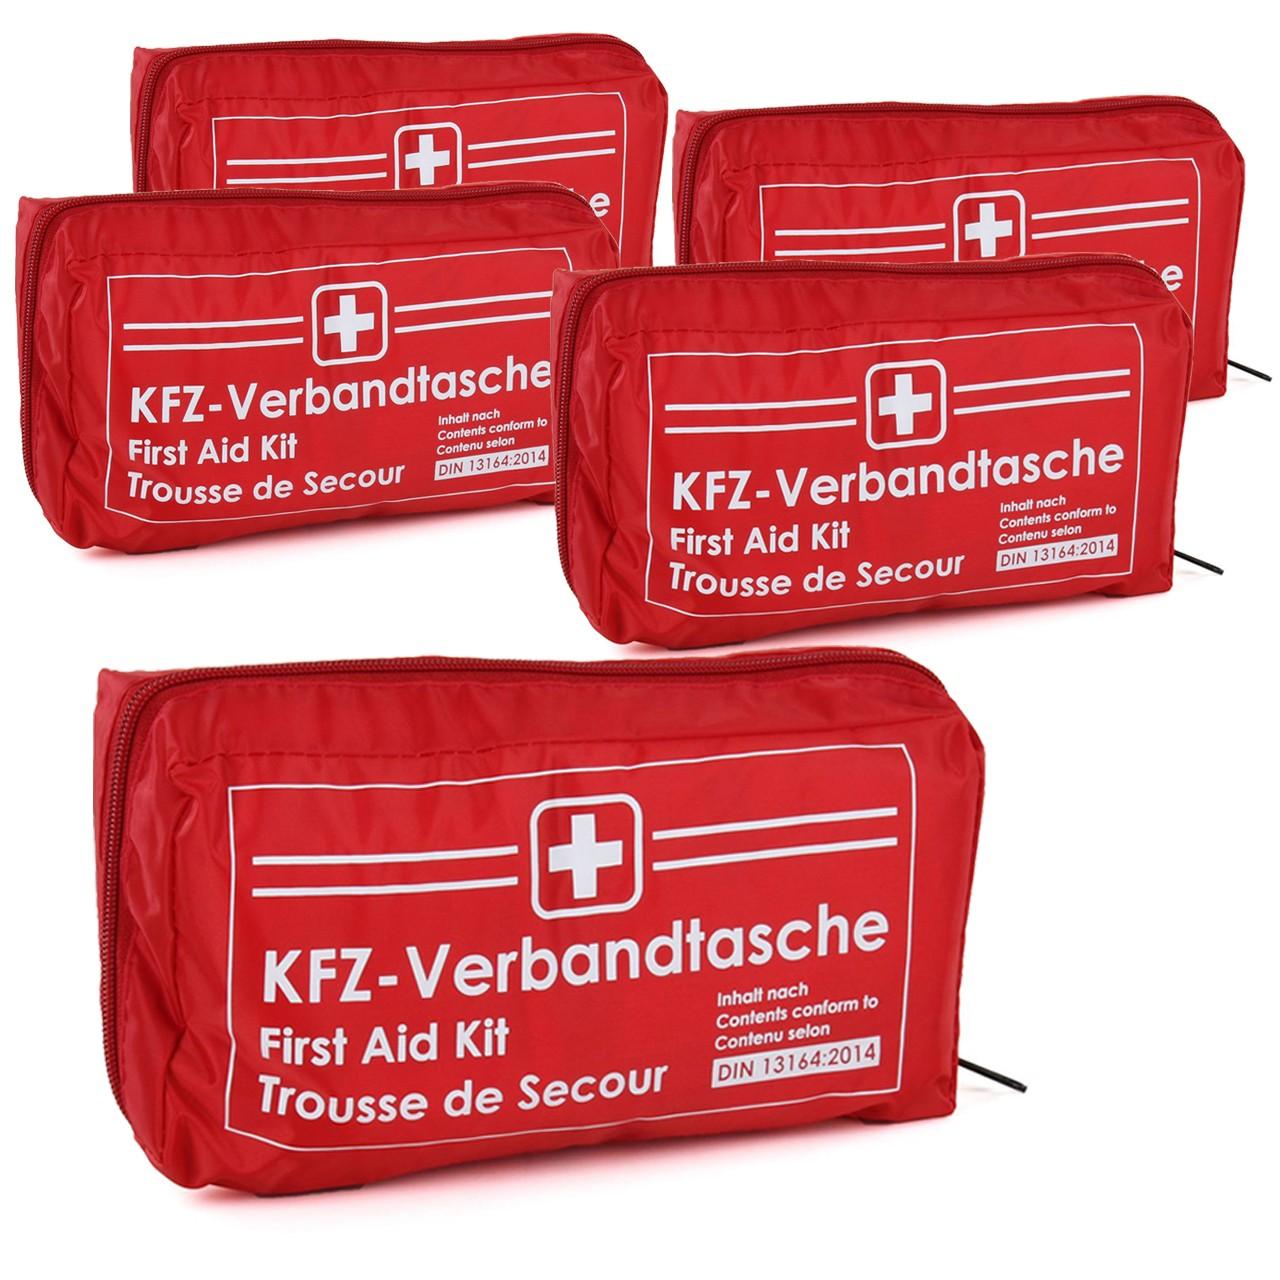 5x KFZ Auto Verbandkasten Verbandskasten ROT Erste Hilfe DIN 13164 MHD 06.2025